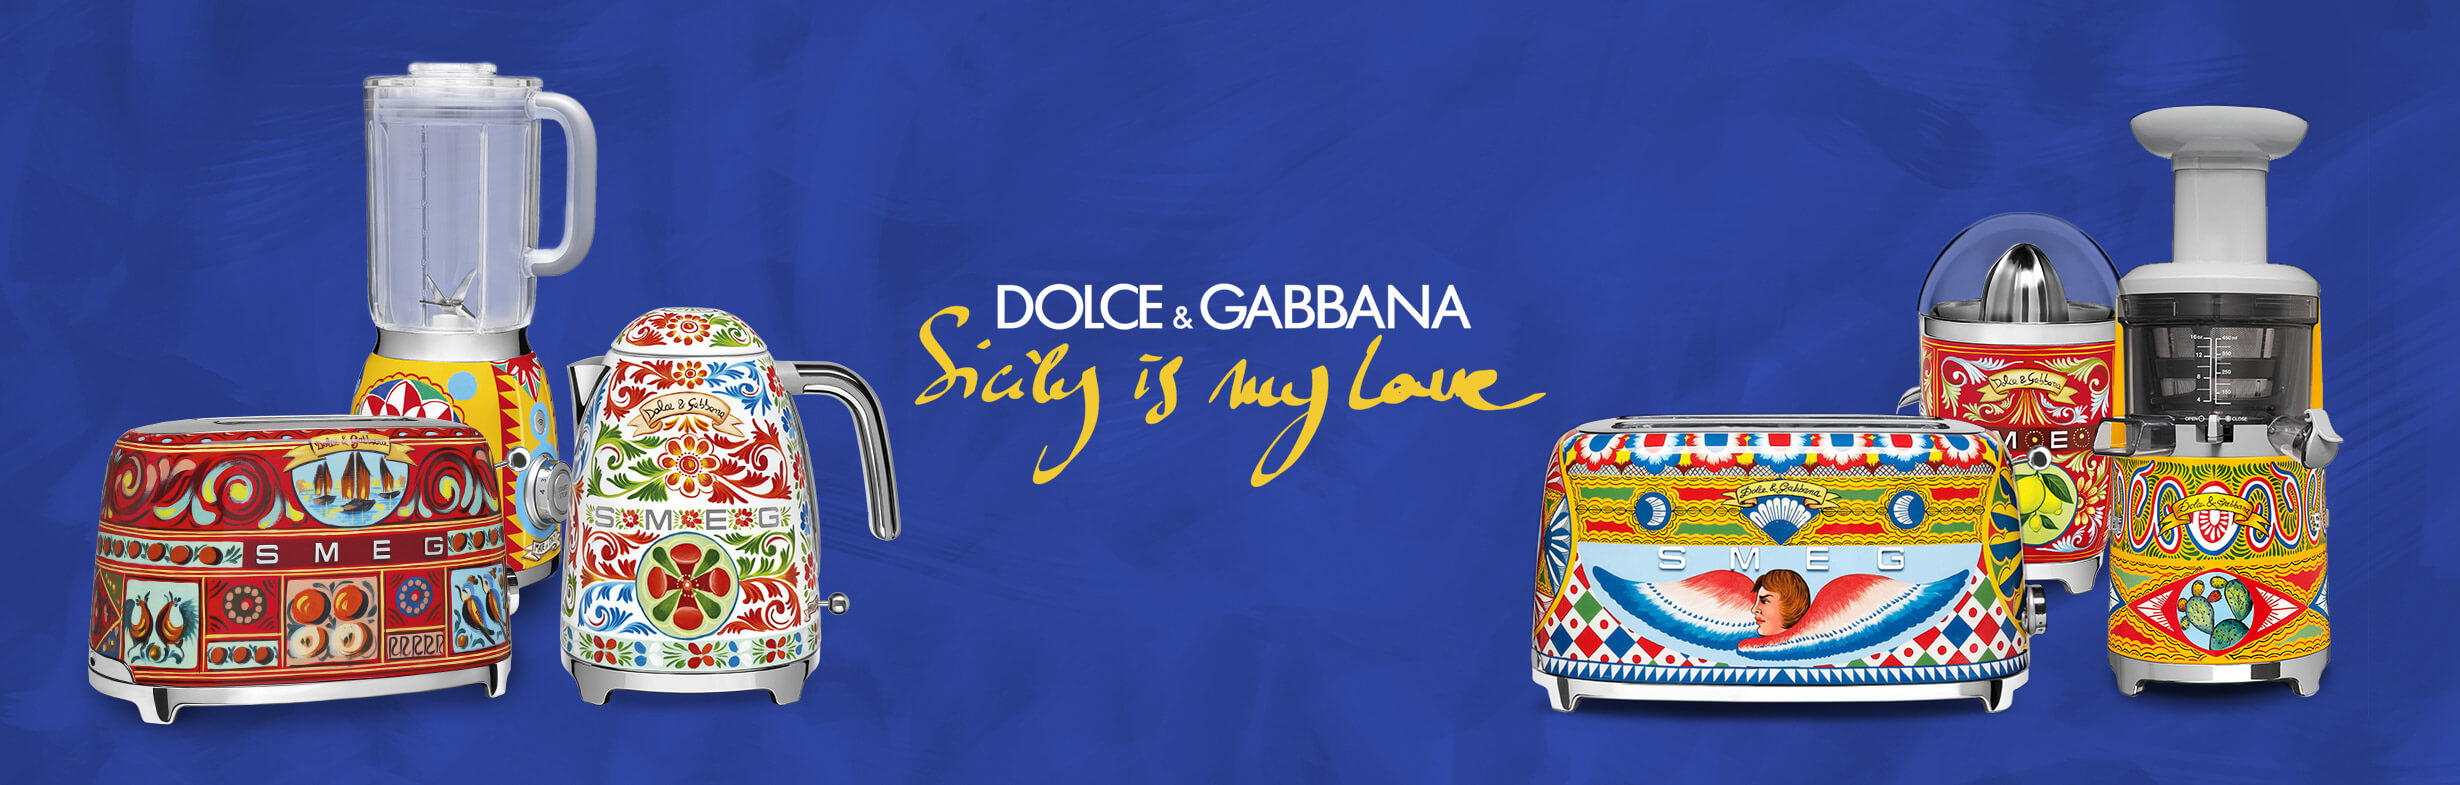 Dolce Gabbana for Smeg affab2269f8